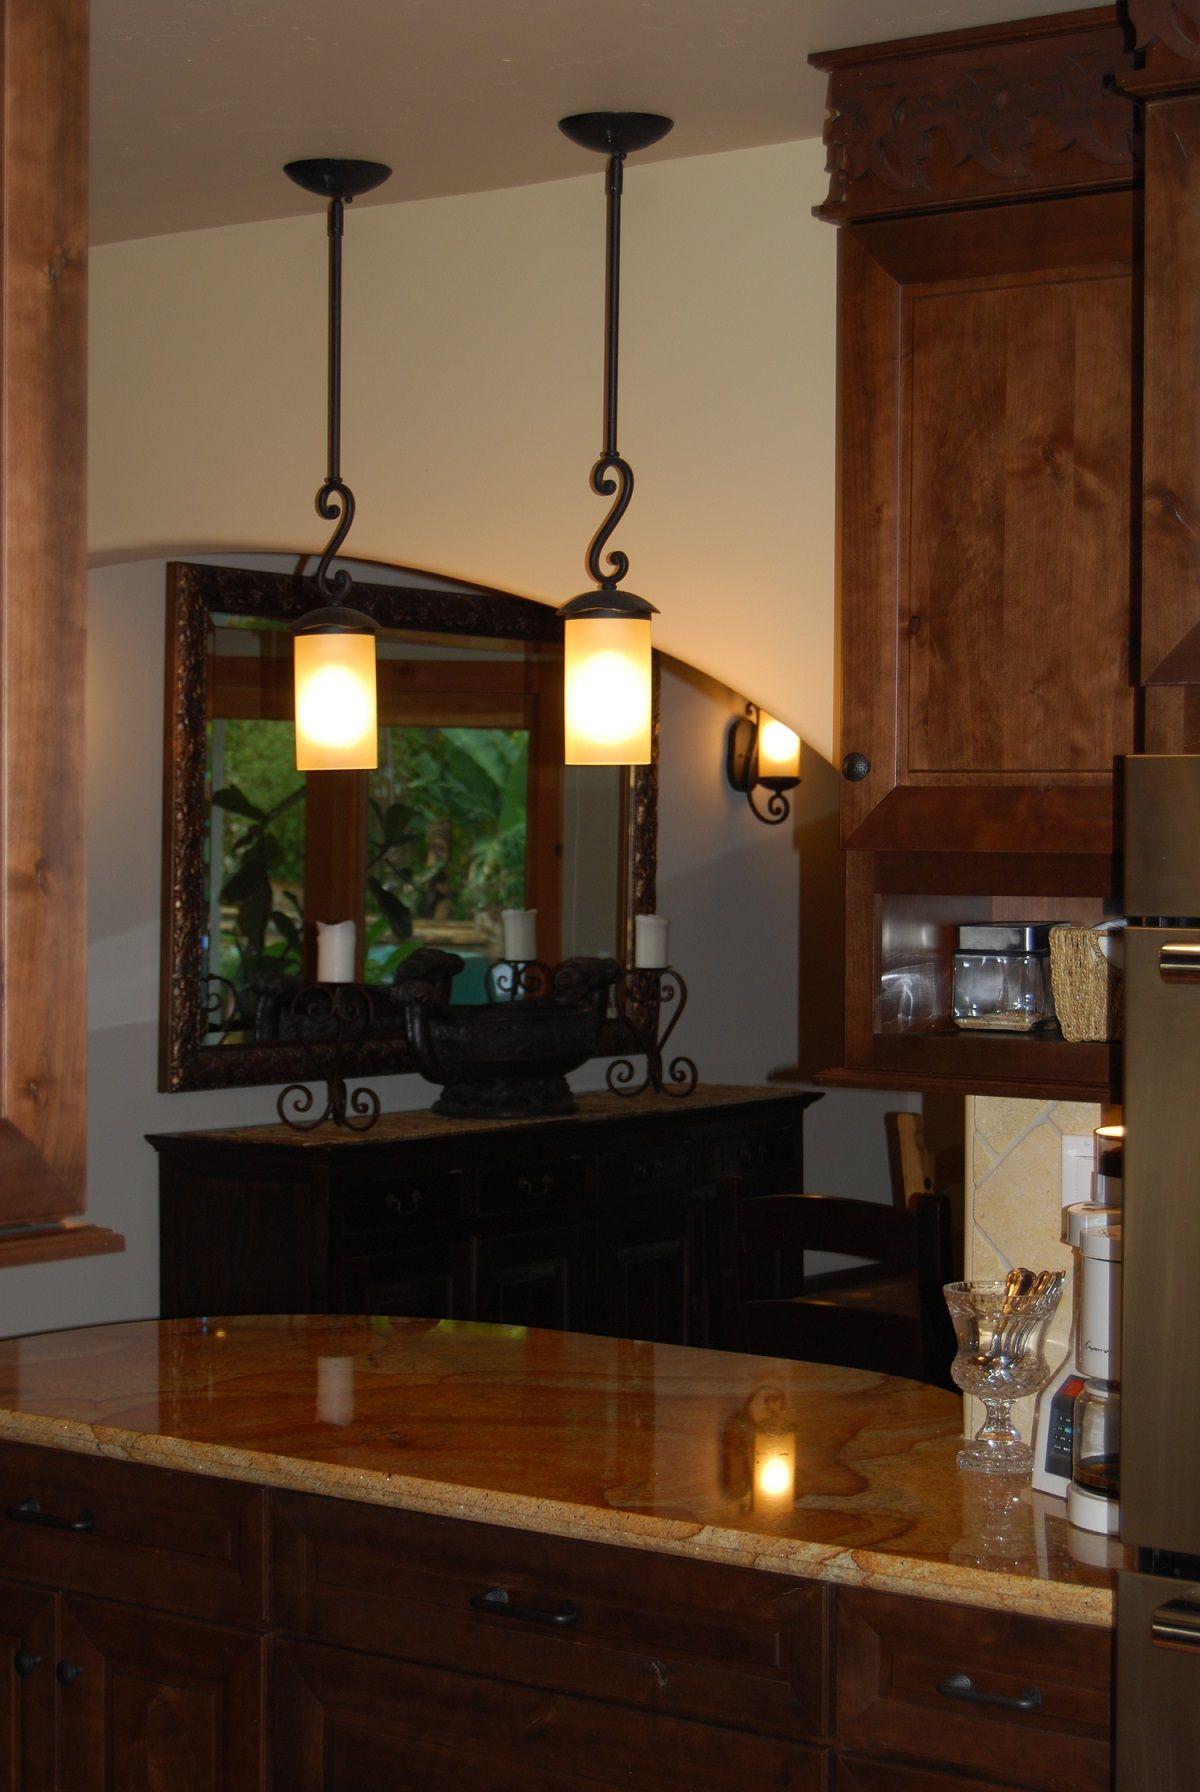 Wrought Iron Pendant Lights Kitchen Wrought Iron Lightingiron Chalierspendant Lights Large Selection Of Wrought Iron Wrought Iron Light Fixtures Iron Chandeliers Wrought Iron Chandeliers